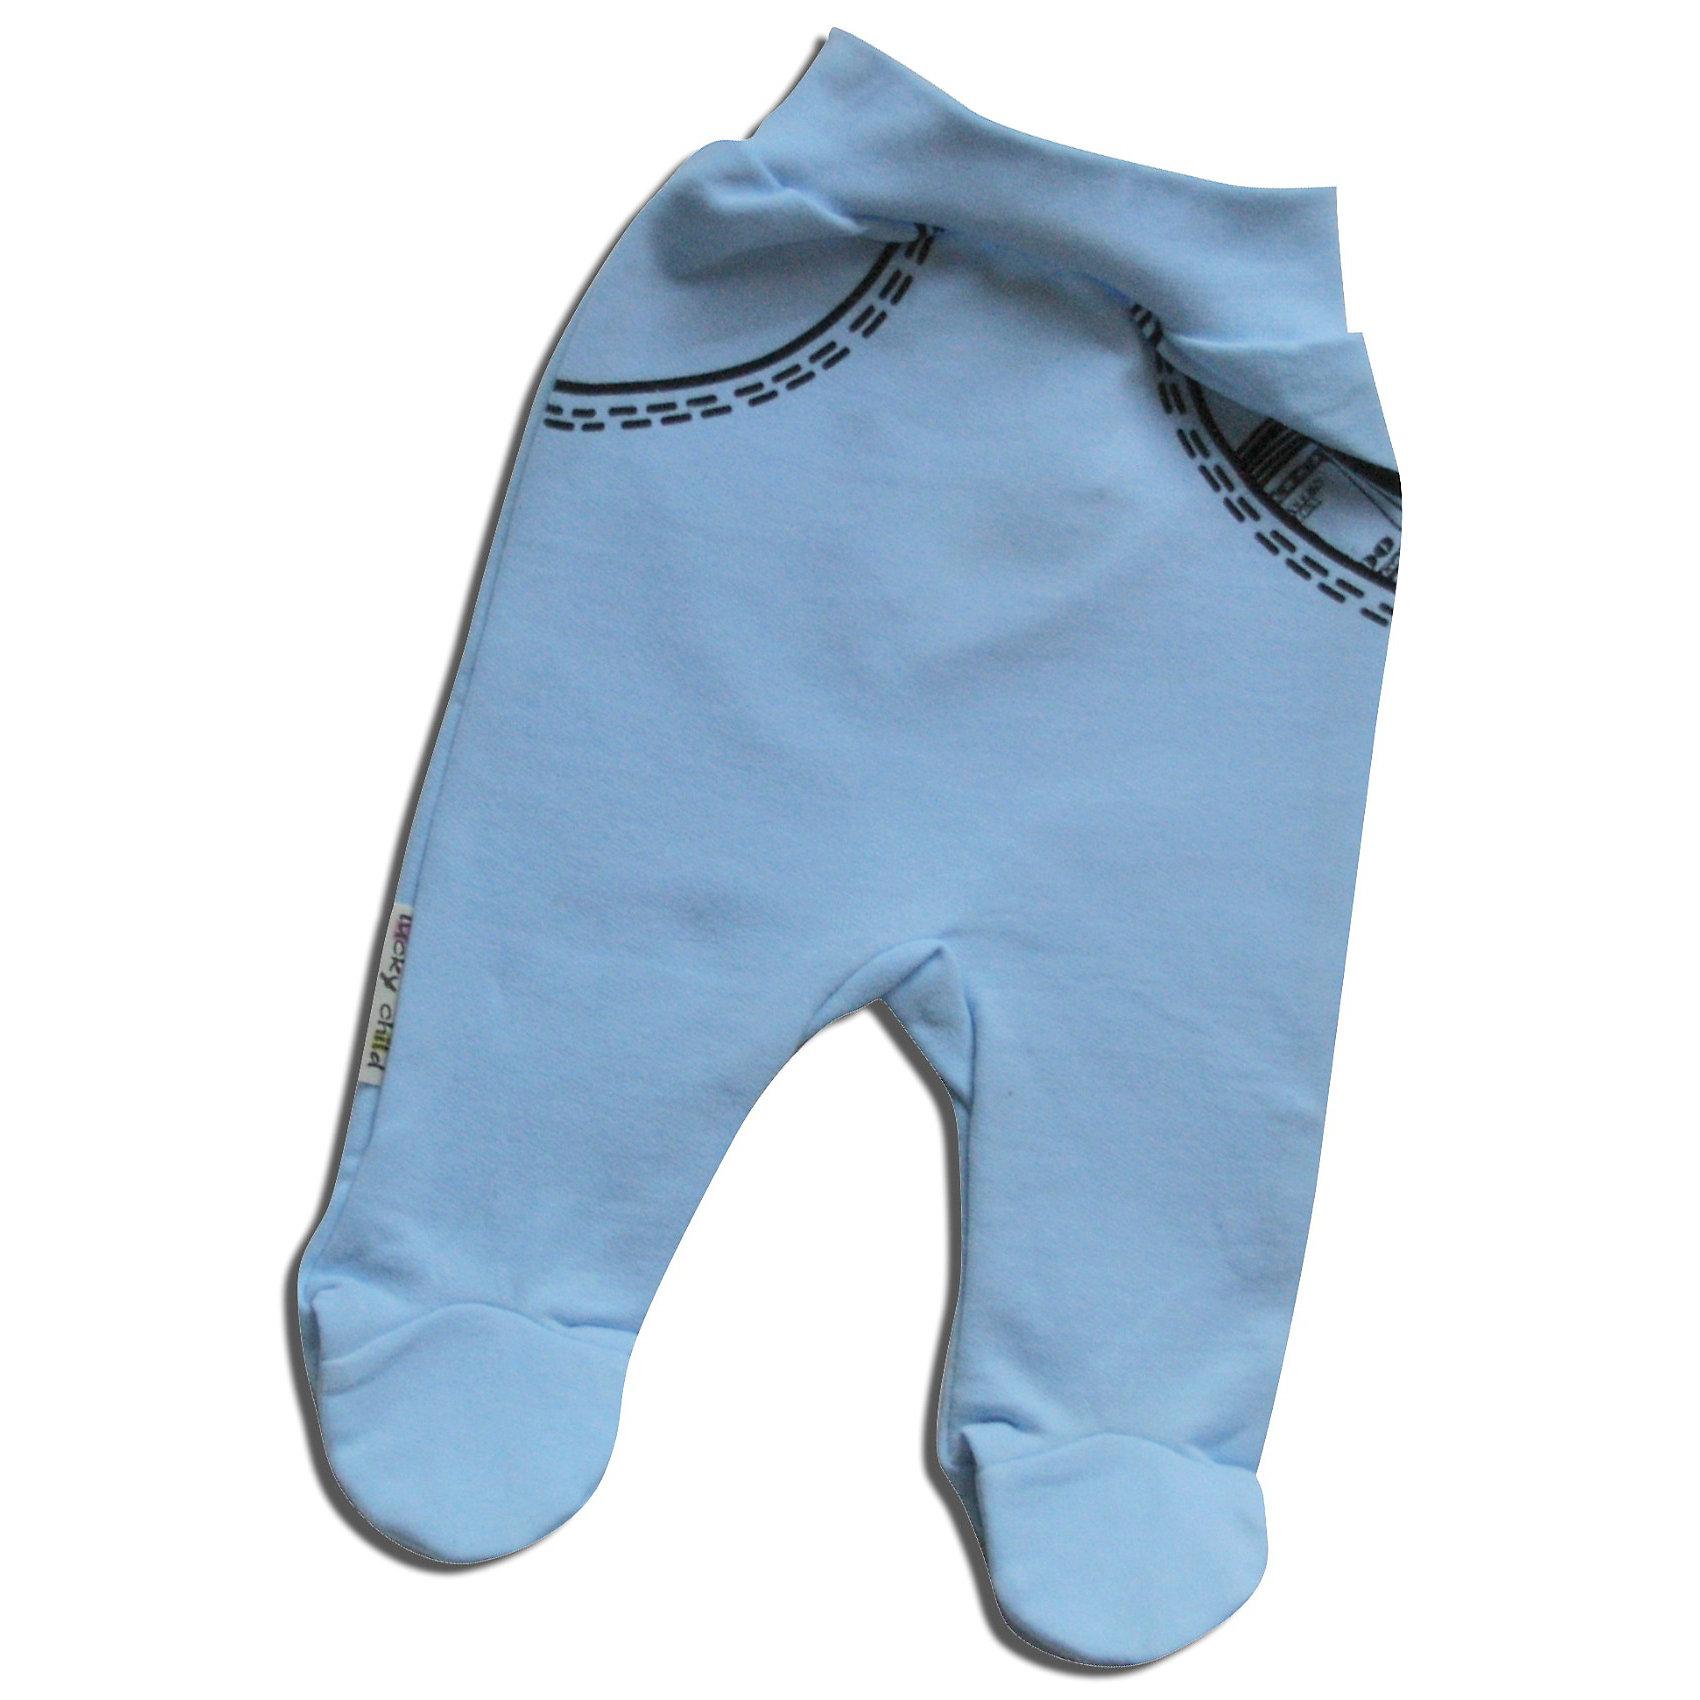 Lucky Child Ползунки для мальчикаПолзунки и штанишки<br>Нежные ползунки с закрытыми пяточками для мальчика. Мягкий эластичный пояс из трикотажной резинки. Приятный к телу натуральный гипоаллергенный материал (100 % хлопок).<br><br>Ширина мм: 157<br>Глубина мм: 13<br>Высота мм: 119<br>Вес г: 200<br>Цвет: голубой<br>Возраст от месяцев: 2<br>Возраст до месяцев: 5<br>Пол: Мужской<br>Возраст: Детский<br>Размер: 56/62,80/86,62/68,68/74,74/80<br>SKU: 2635096